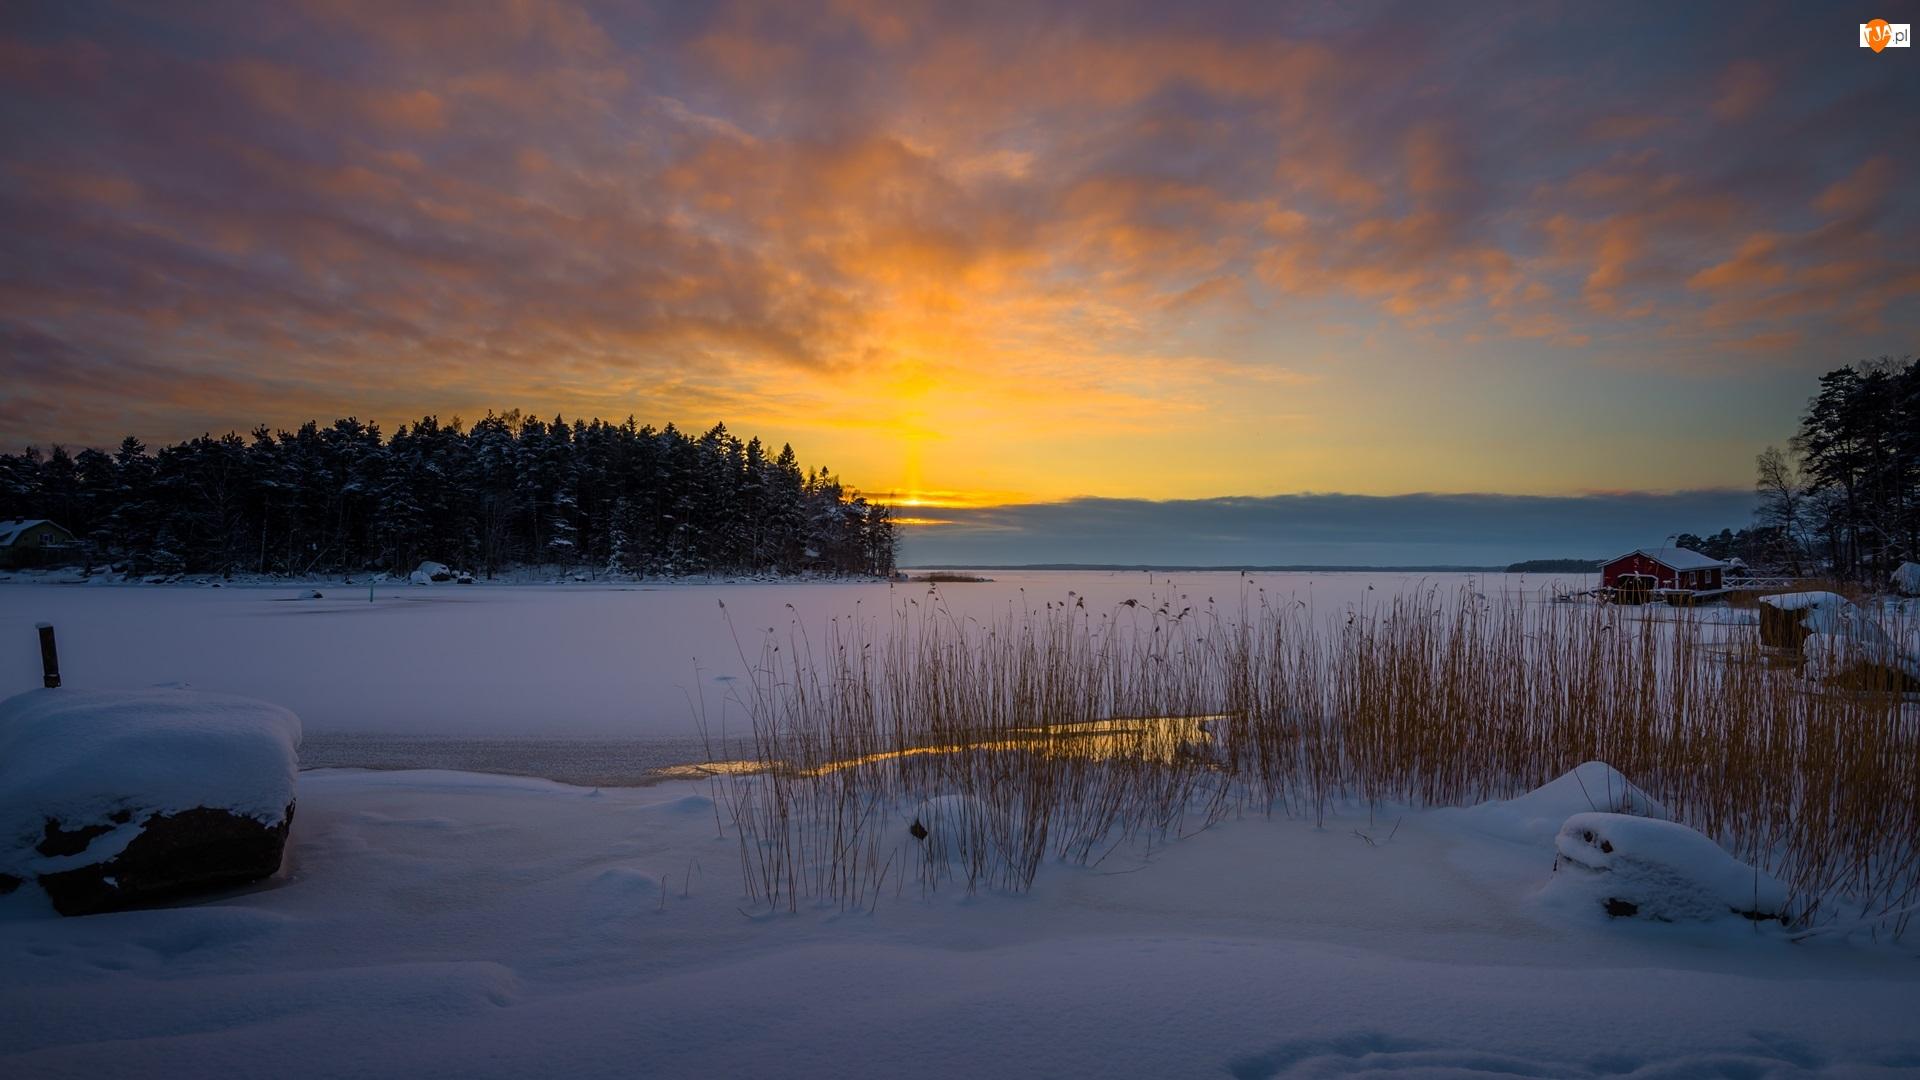 Las, Zima, Domy, Chmury, Drzewa, Zachód słońca